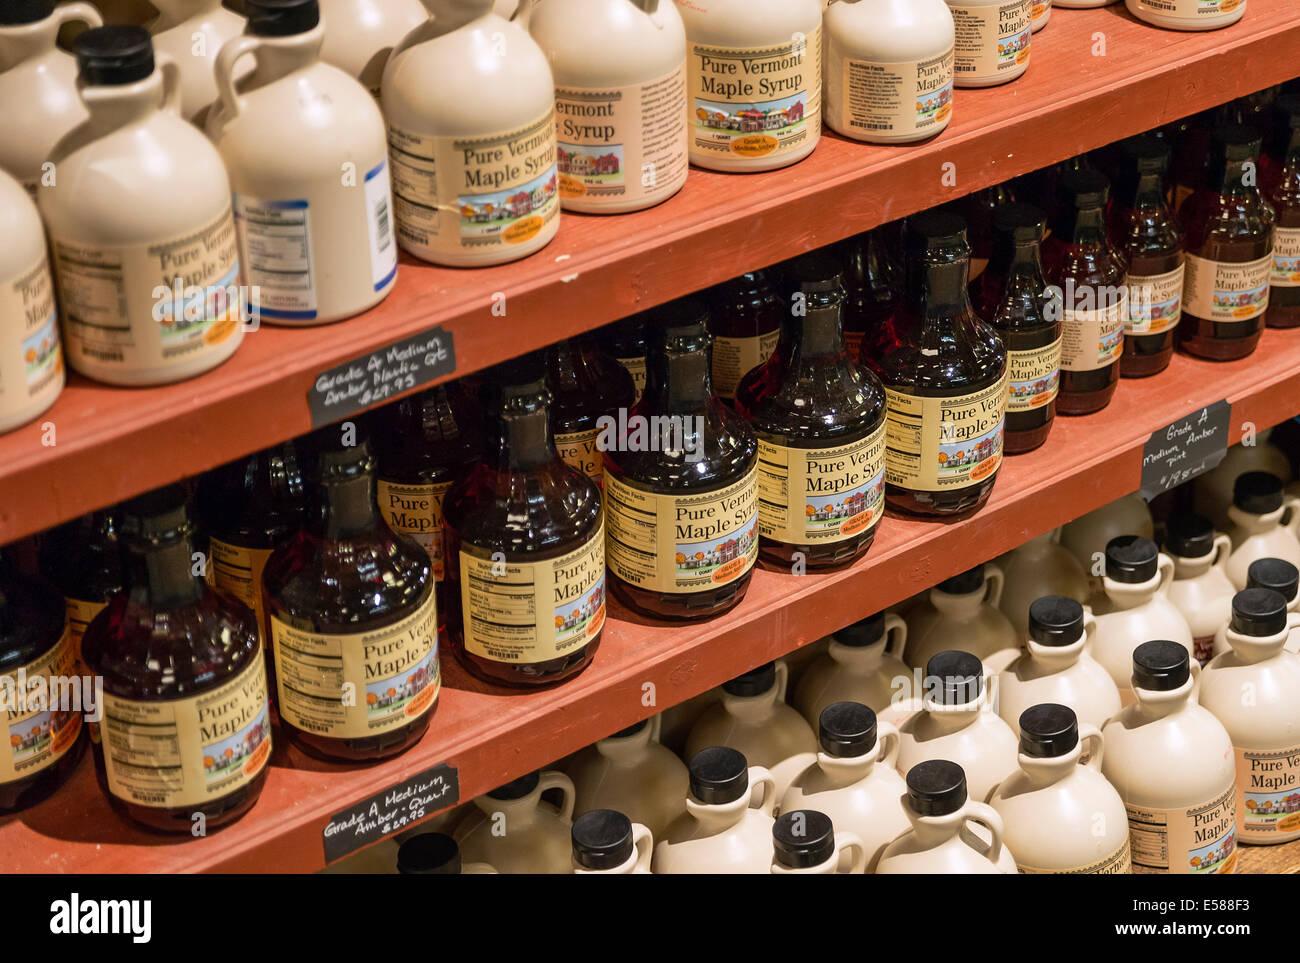 Brocche di sciroppo d'acero in un magazzino generale, Vermont, USA Immagini Stock